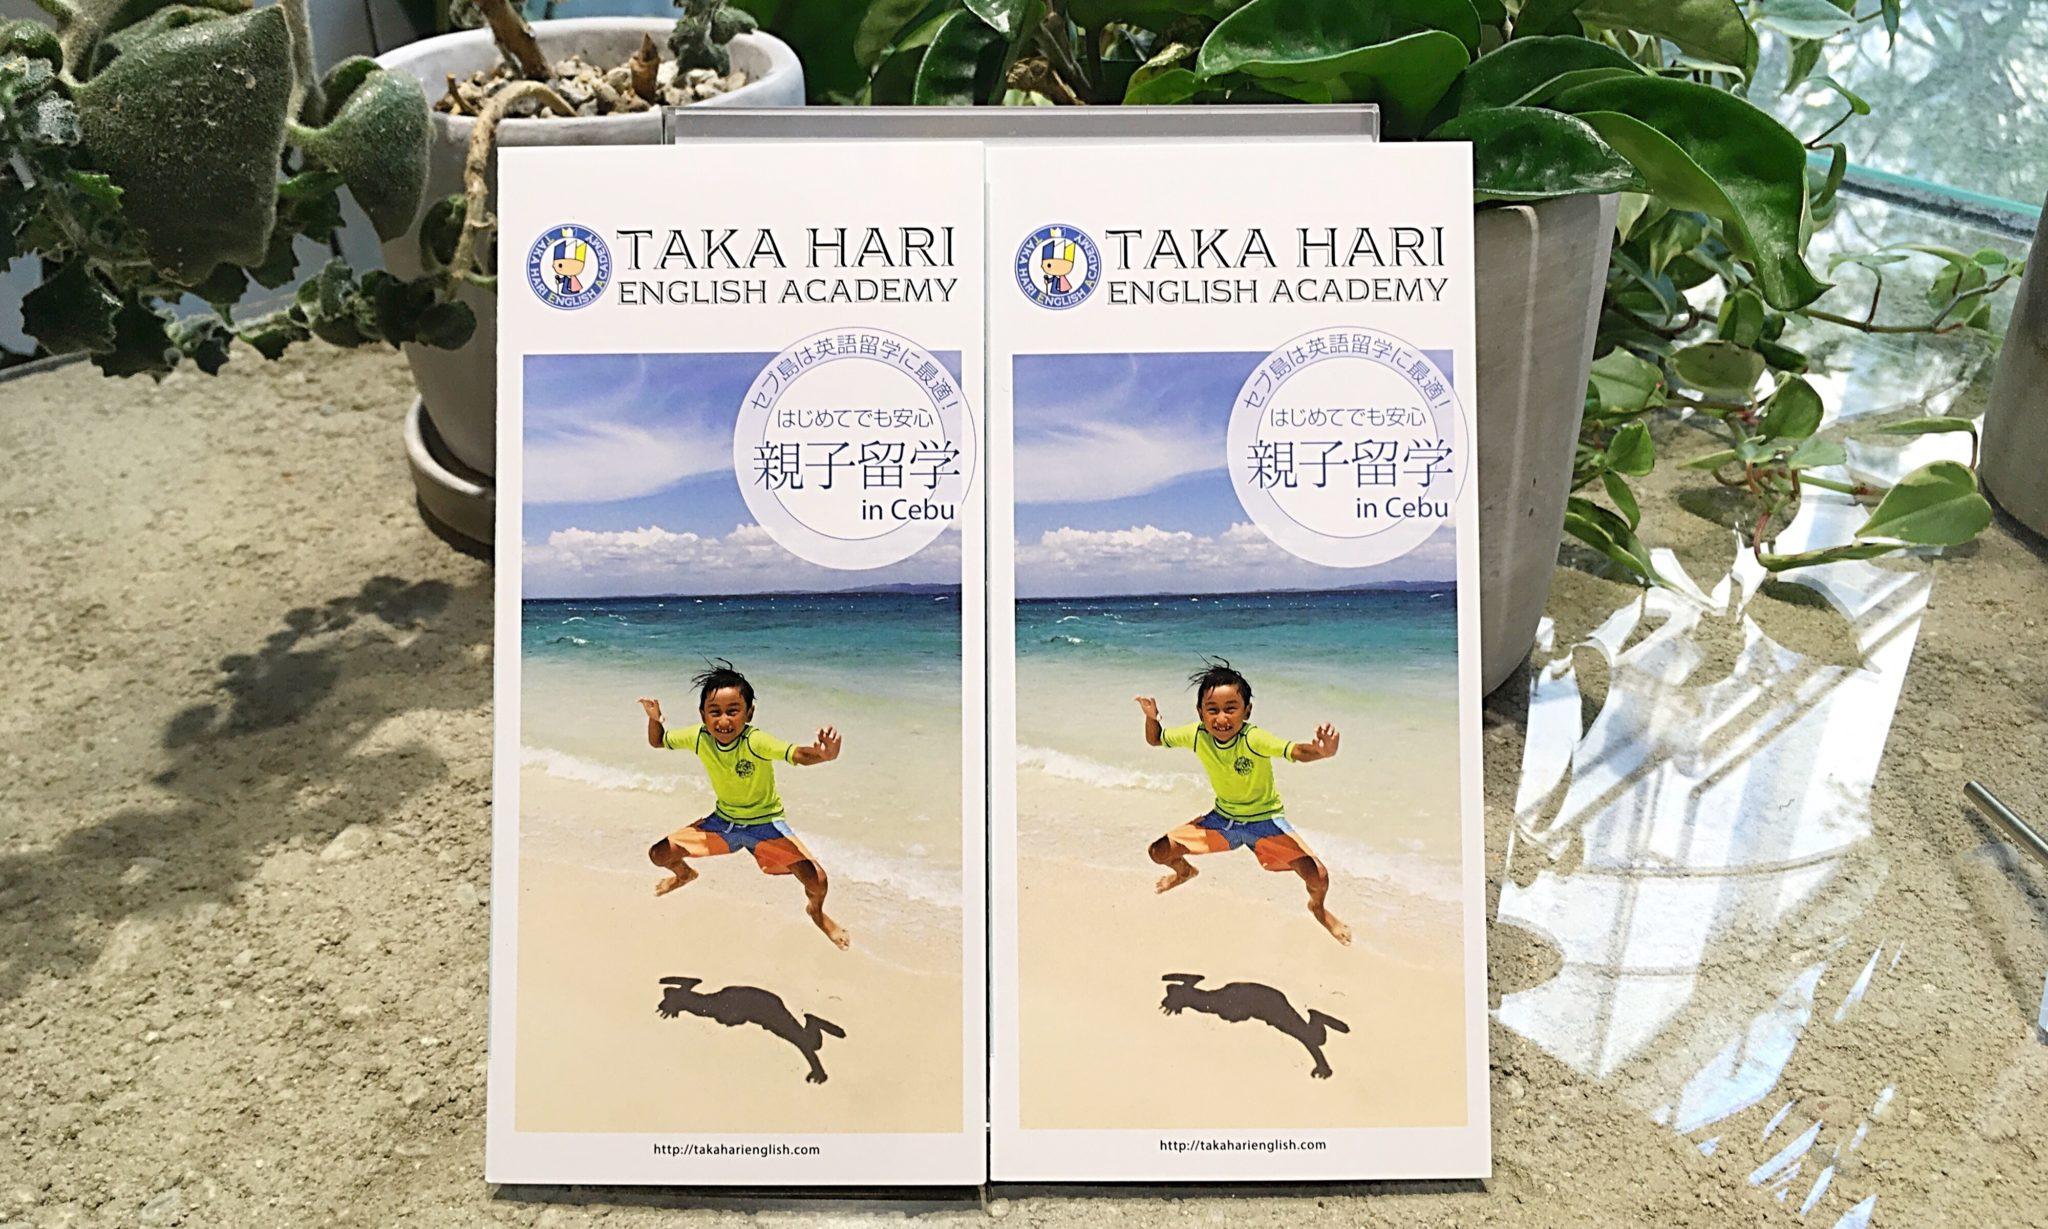 セブ島親子留学タカハリイングリッシュアカデミーパンフレット完成!